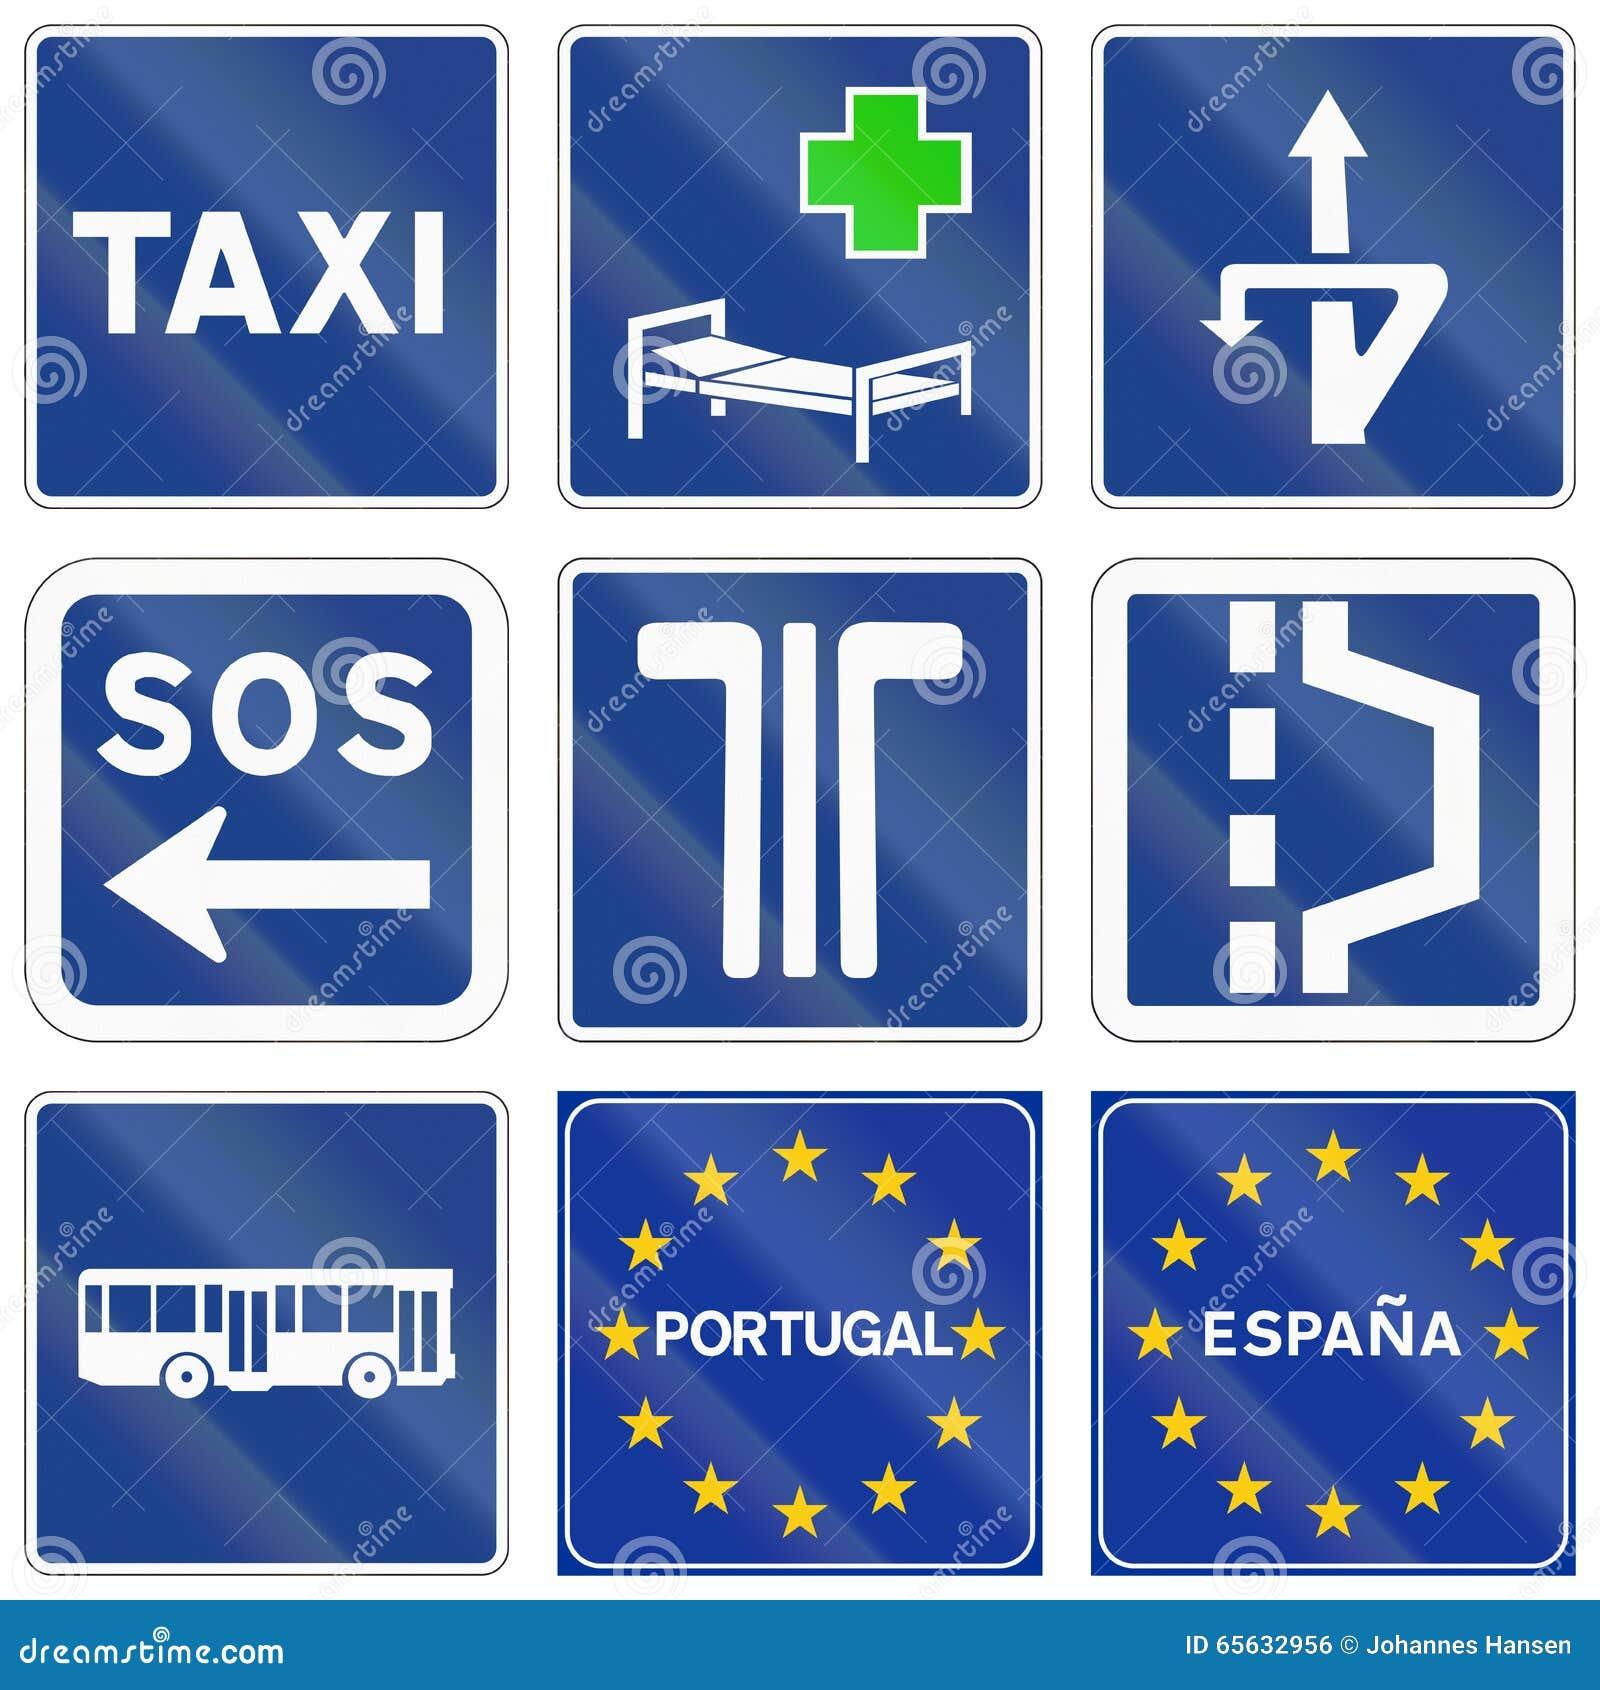 Spanien Abkürzung